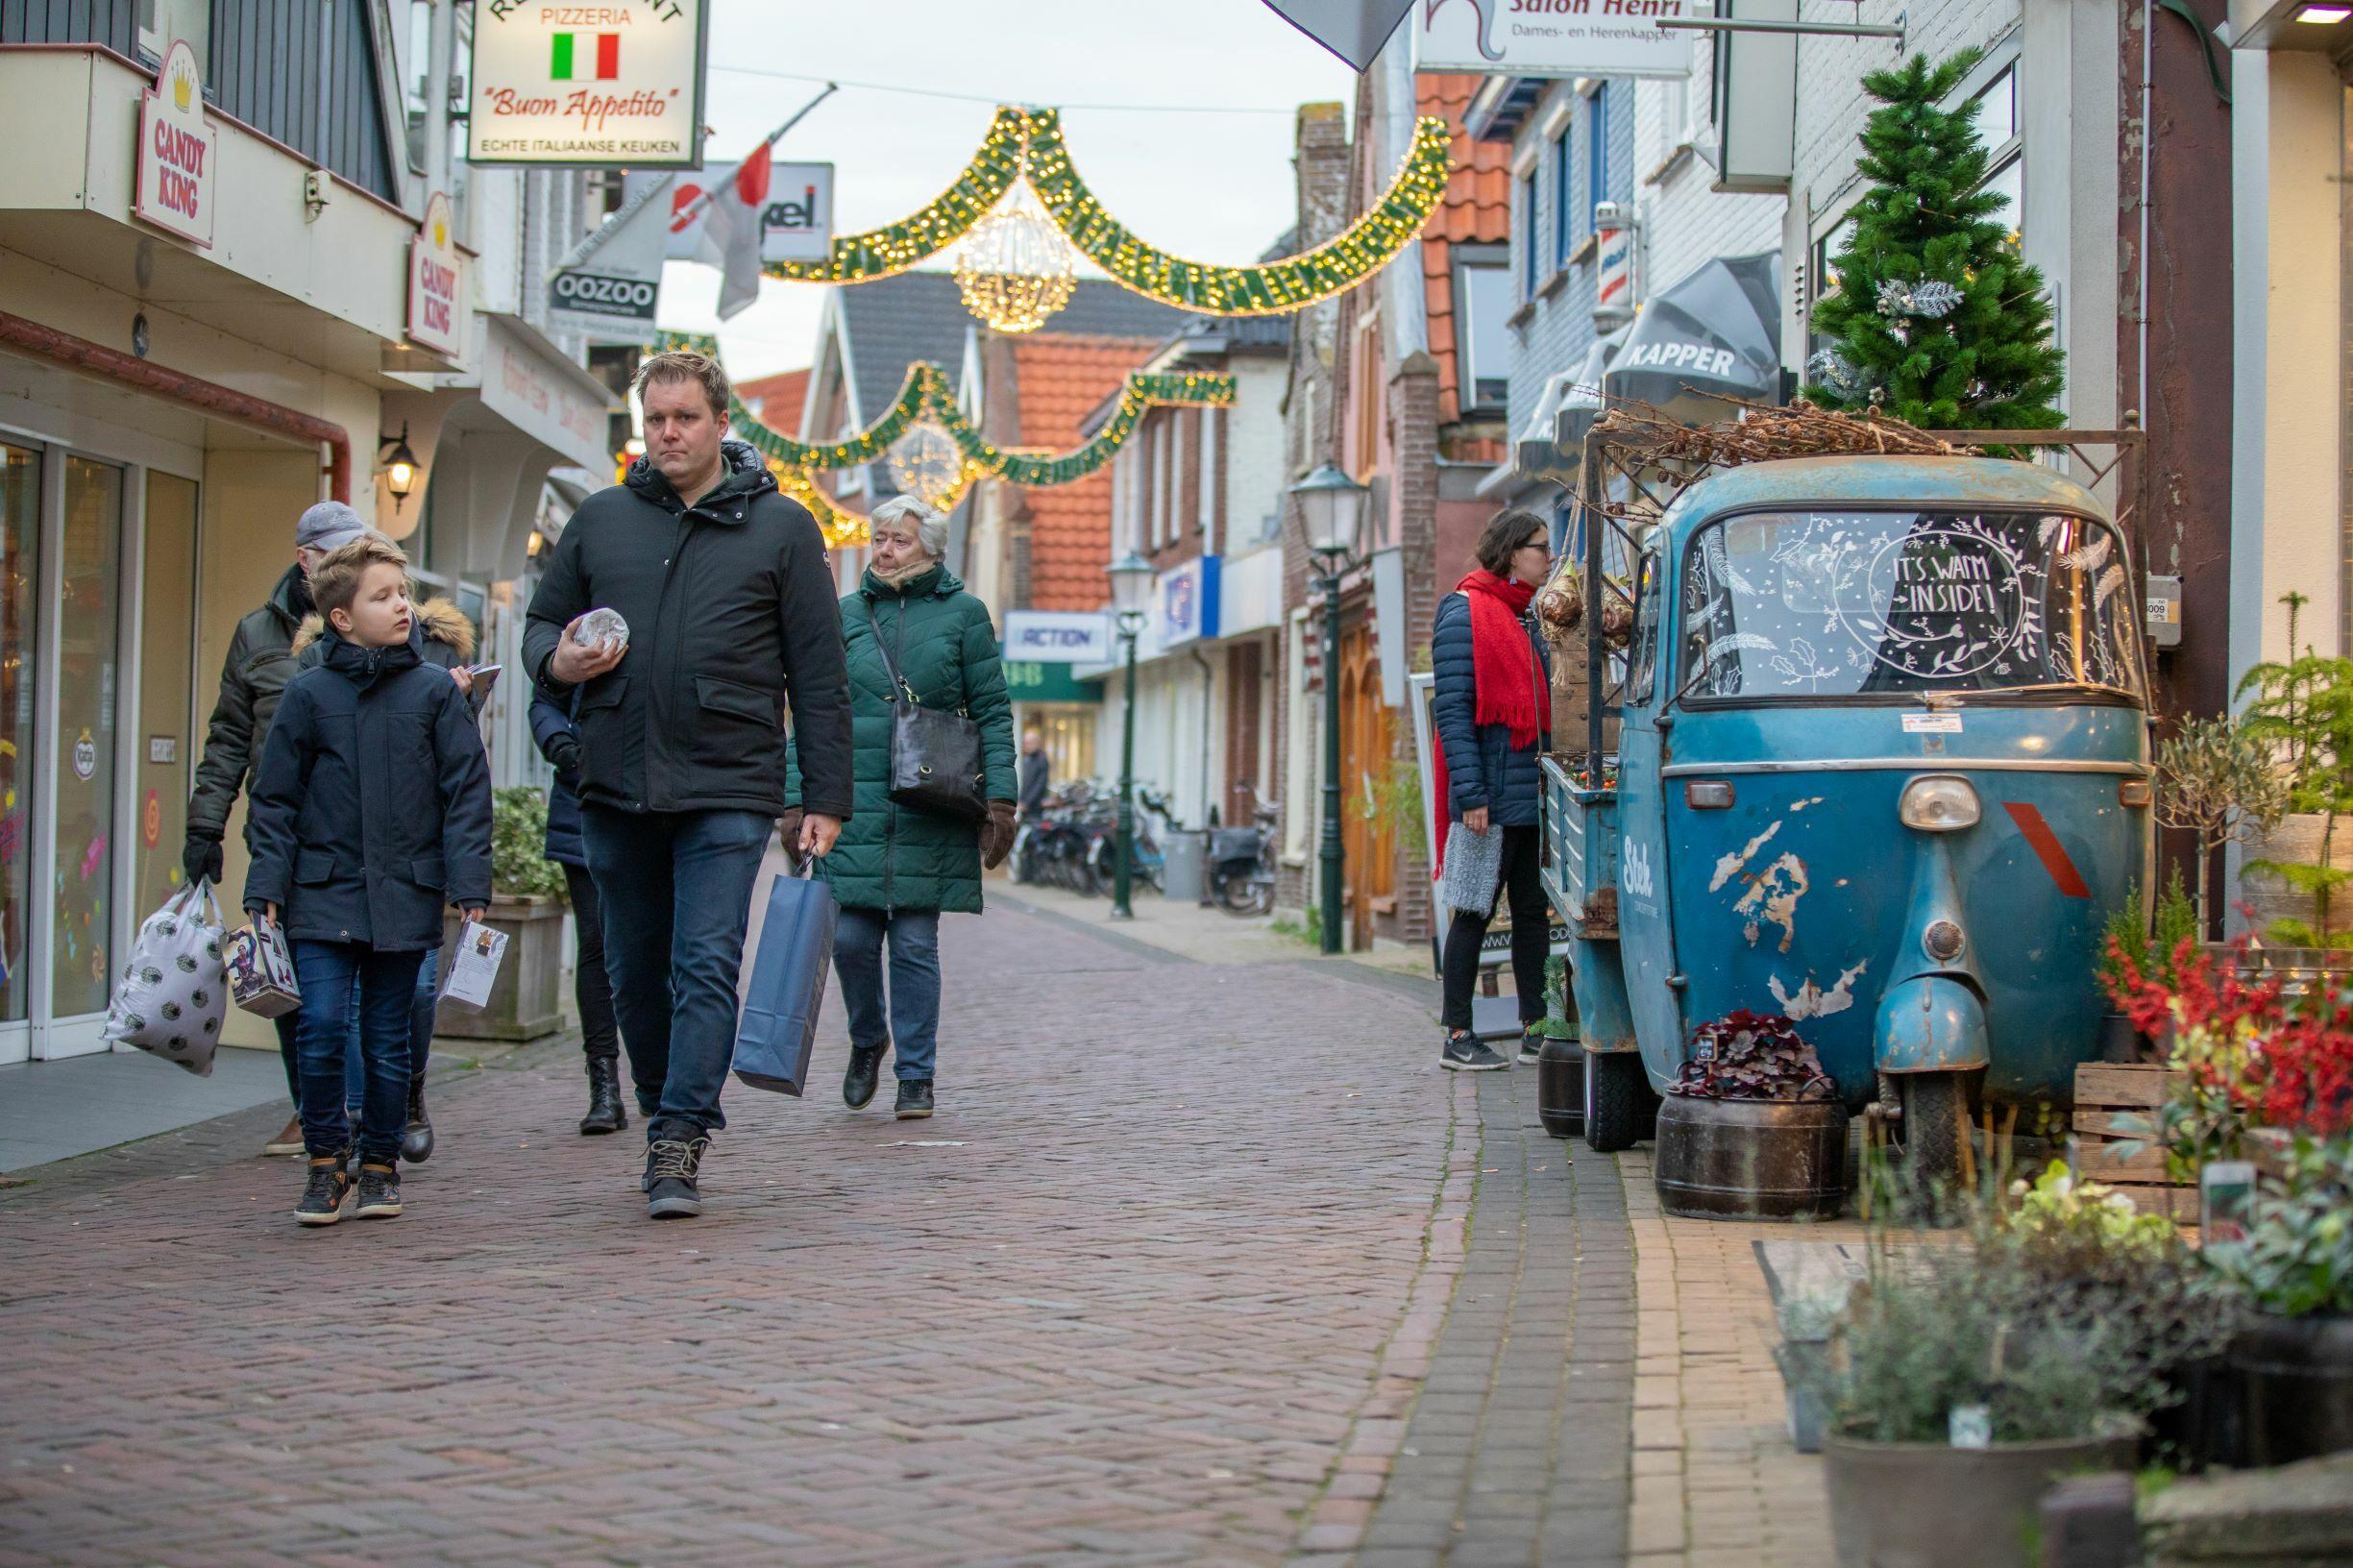 Winkelen in Den Burg Weverstraat VVV Texel fotograaf Evalien Weterings